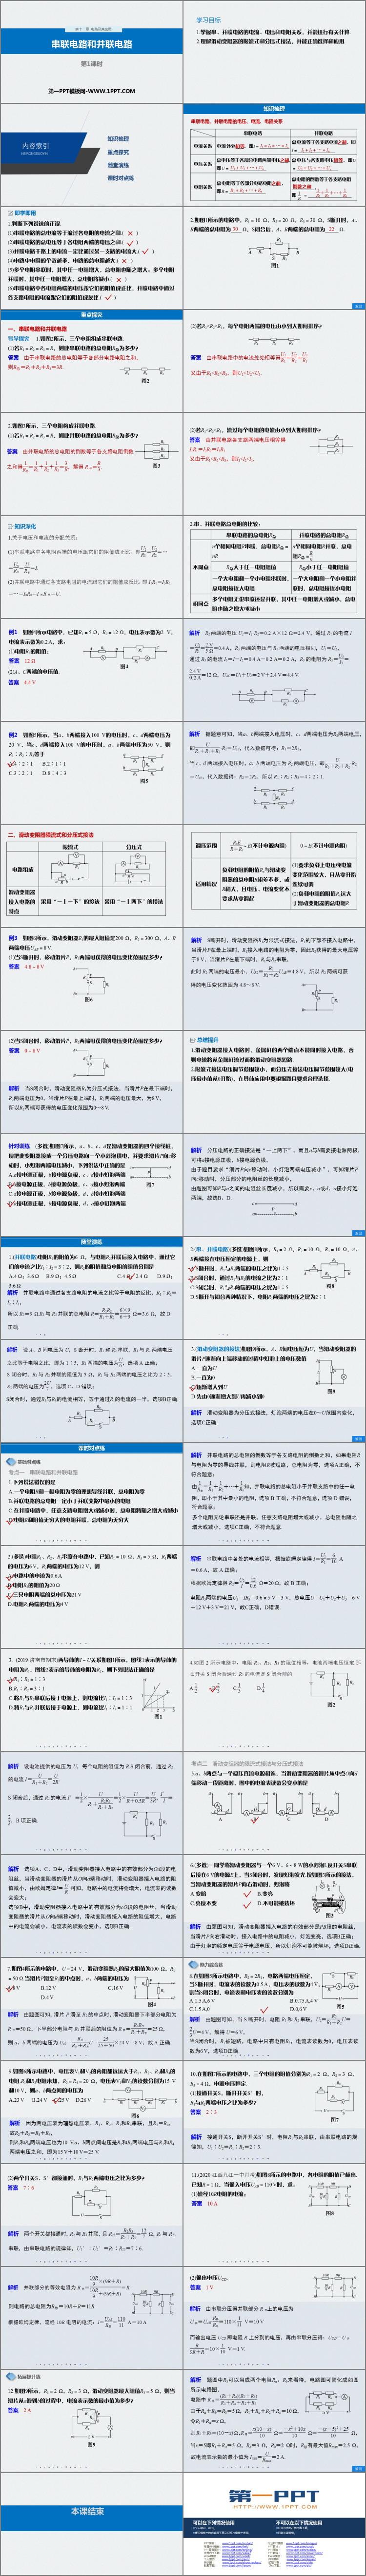 《串联电路和并联电路》PPT精品课件(第1课时)